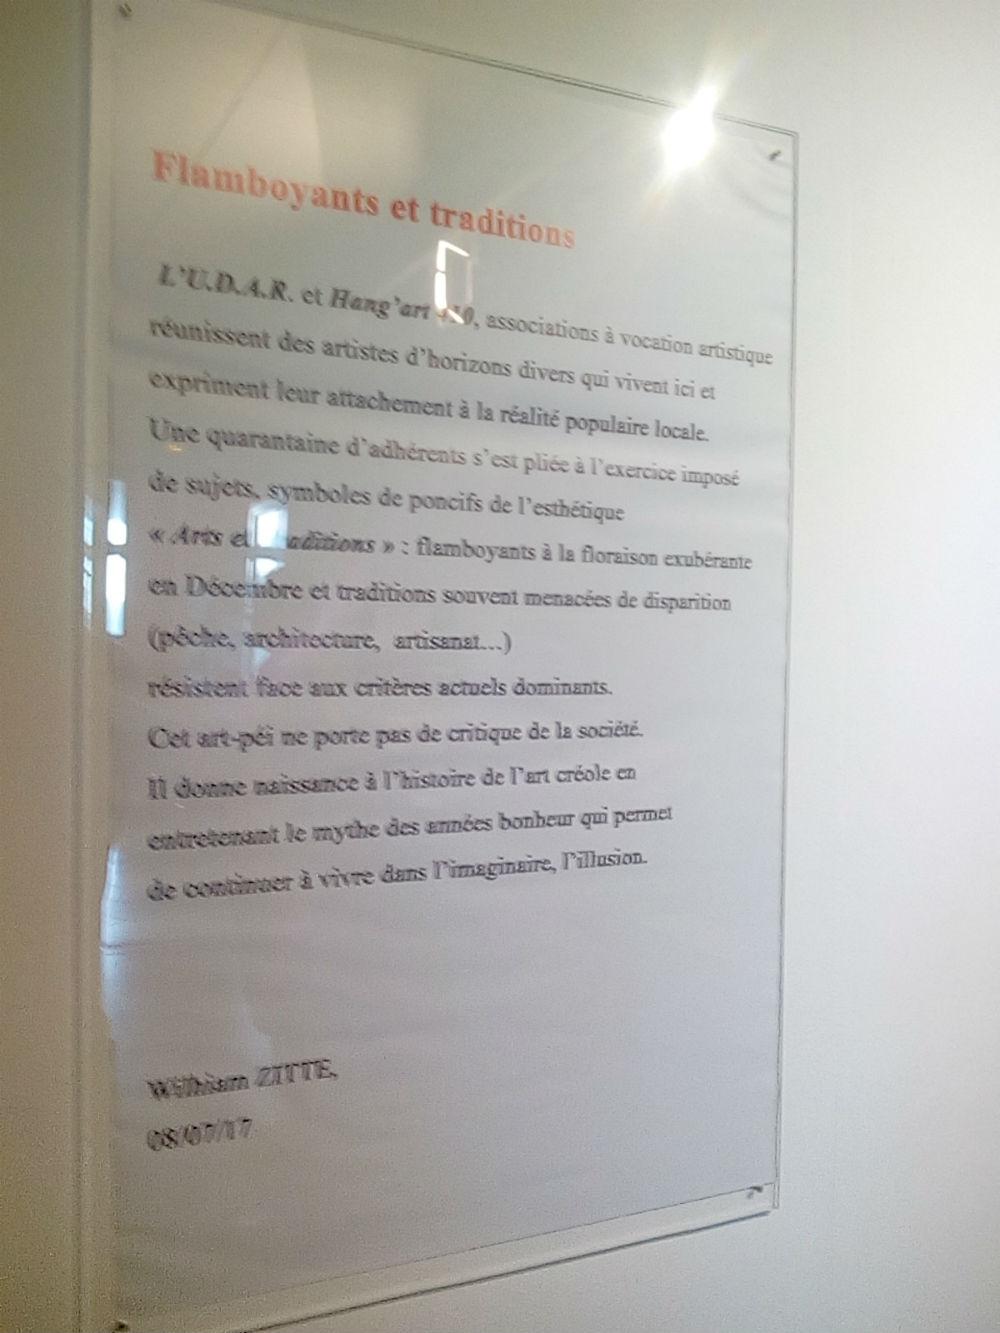 """Texte de Mr W ZITTE """" Flamboyants et Traditions """""""